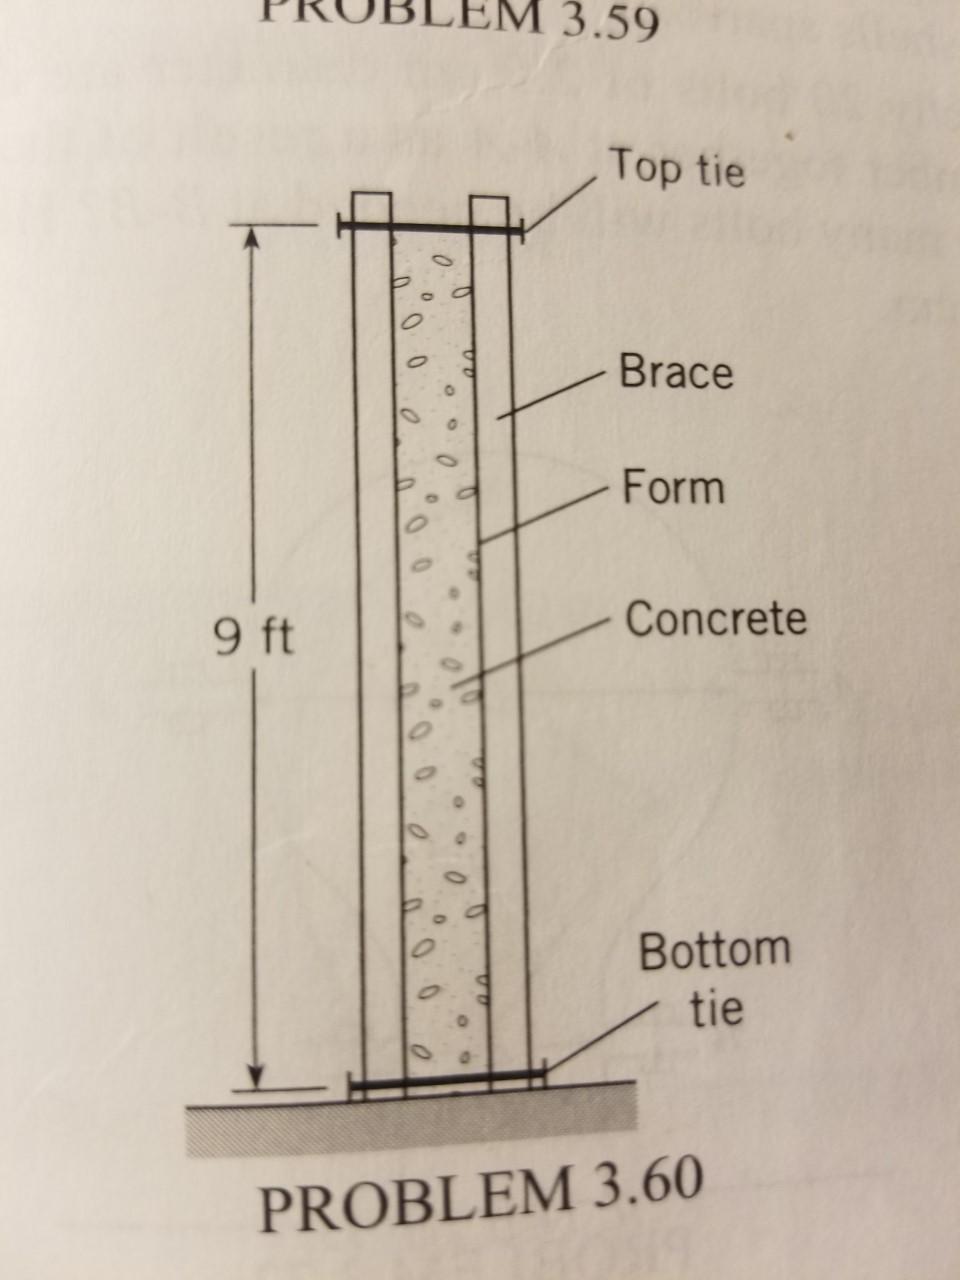 3.59 Top tie Brace Form Concrete 9 ft Bottom tie PROBLEM 3.60